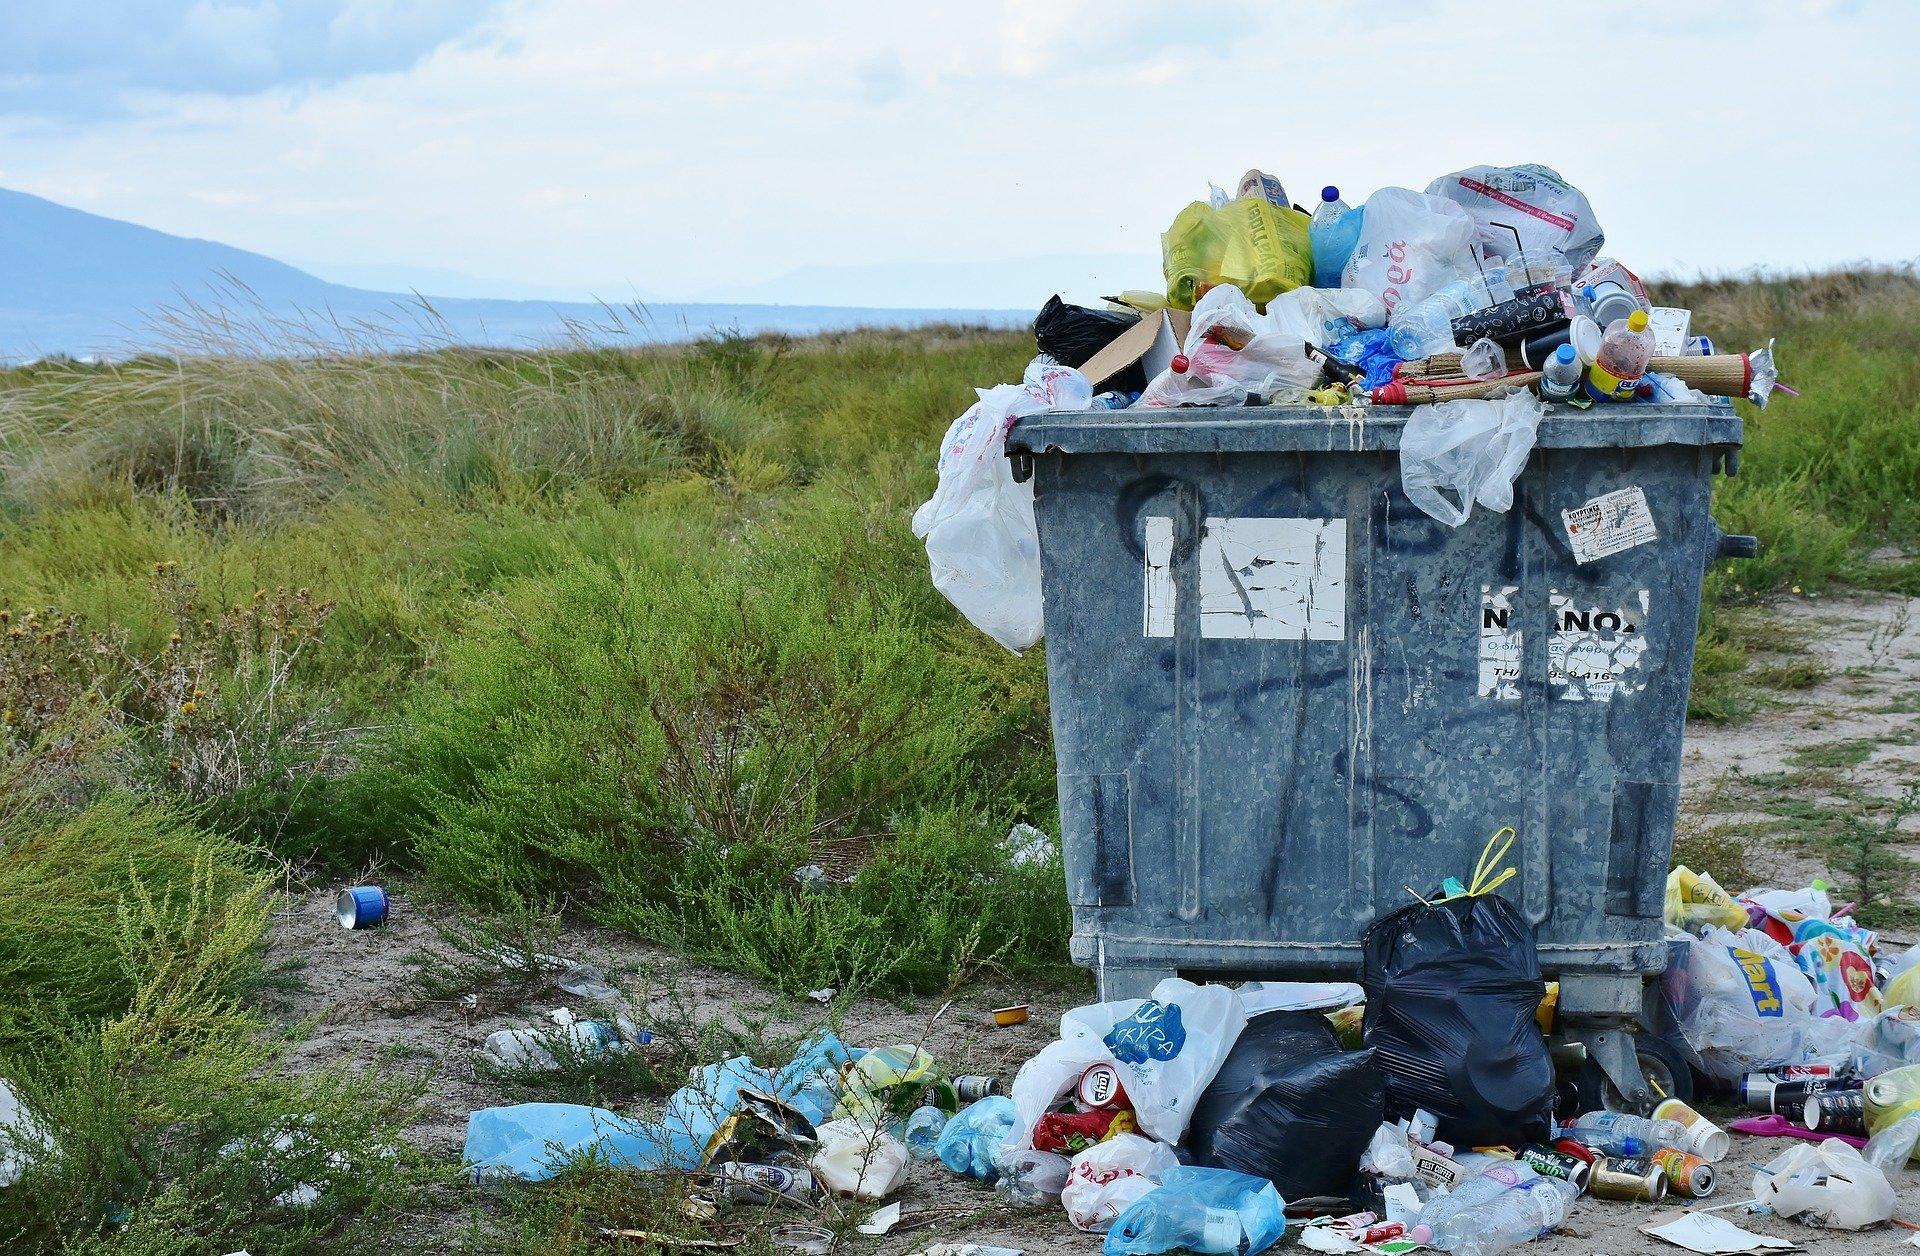 garbage 2729608 1920.jpg?resize=412,232 - Faits divers : Un homme a jeté 10 tonnes de déchets dans la nature, on les lui renvoie